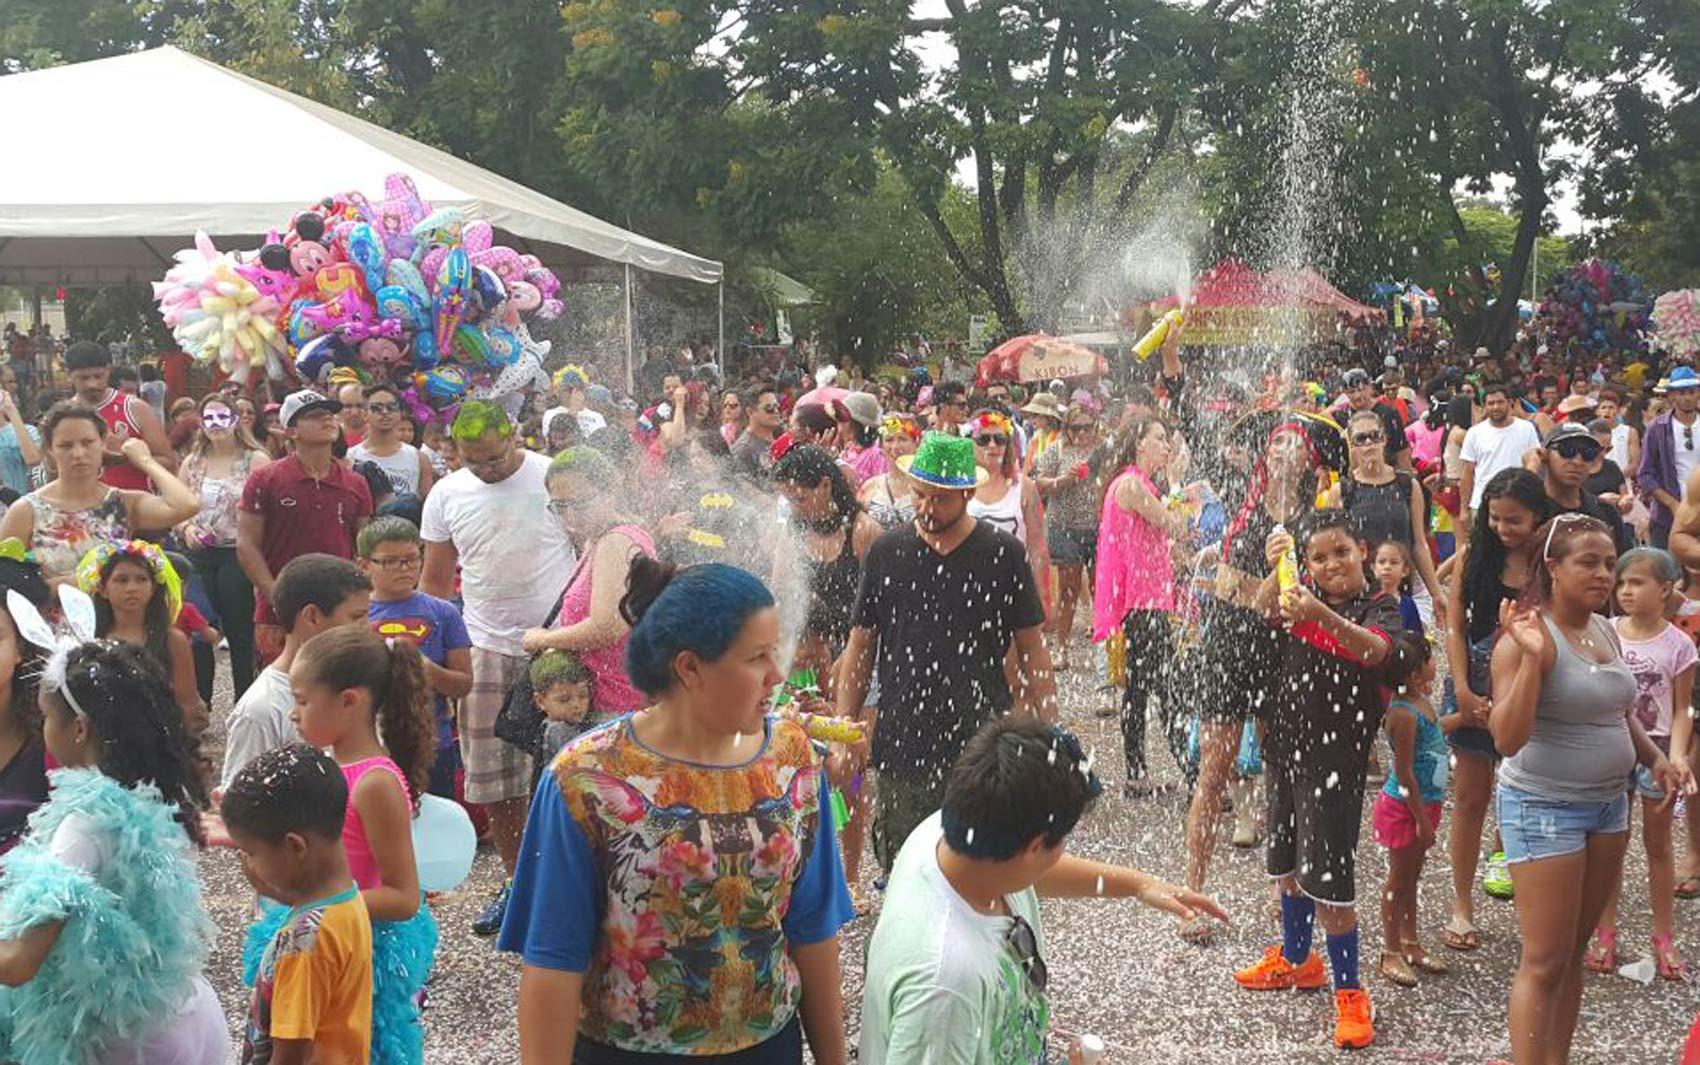 Crianças e adultos aproveitam o desfile do Baratinha, grupo carnavalesco de Brasília, no Parque da Cidade